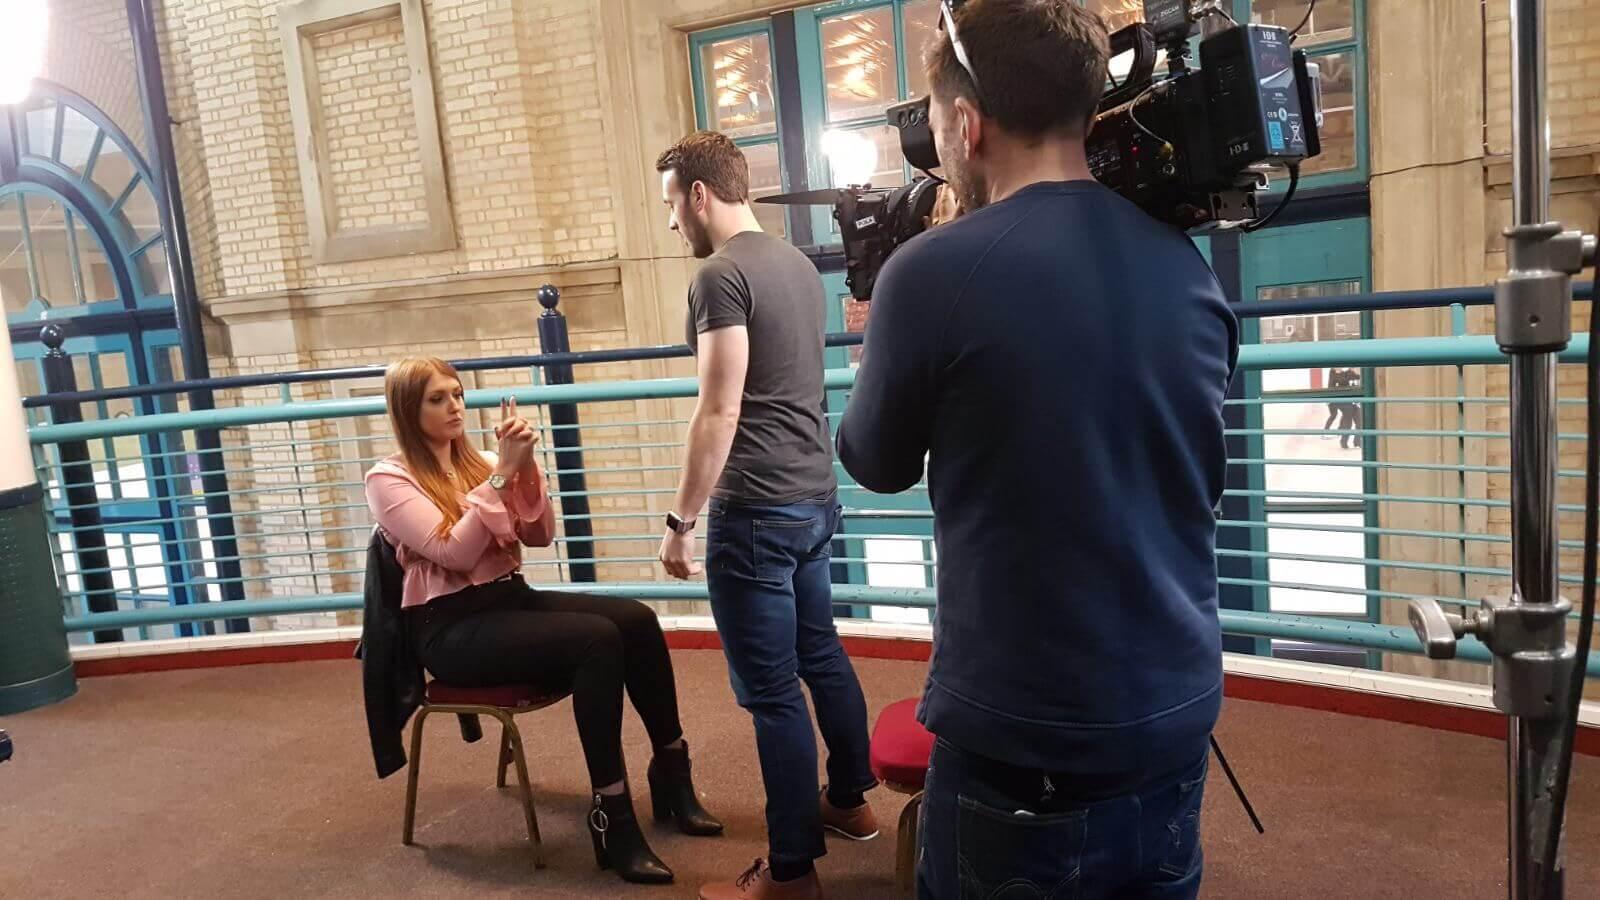 Manchester hypnotist aaron calvert hypnotising girl for channel 4 tv show